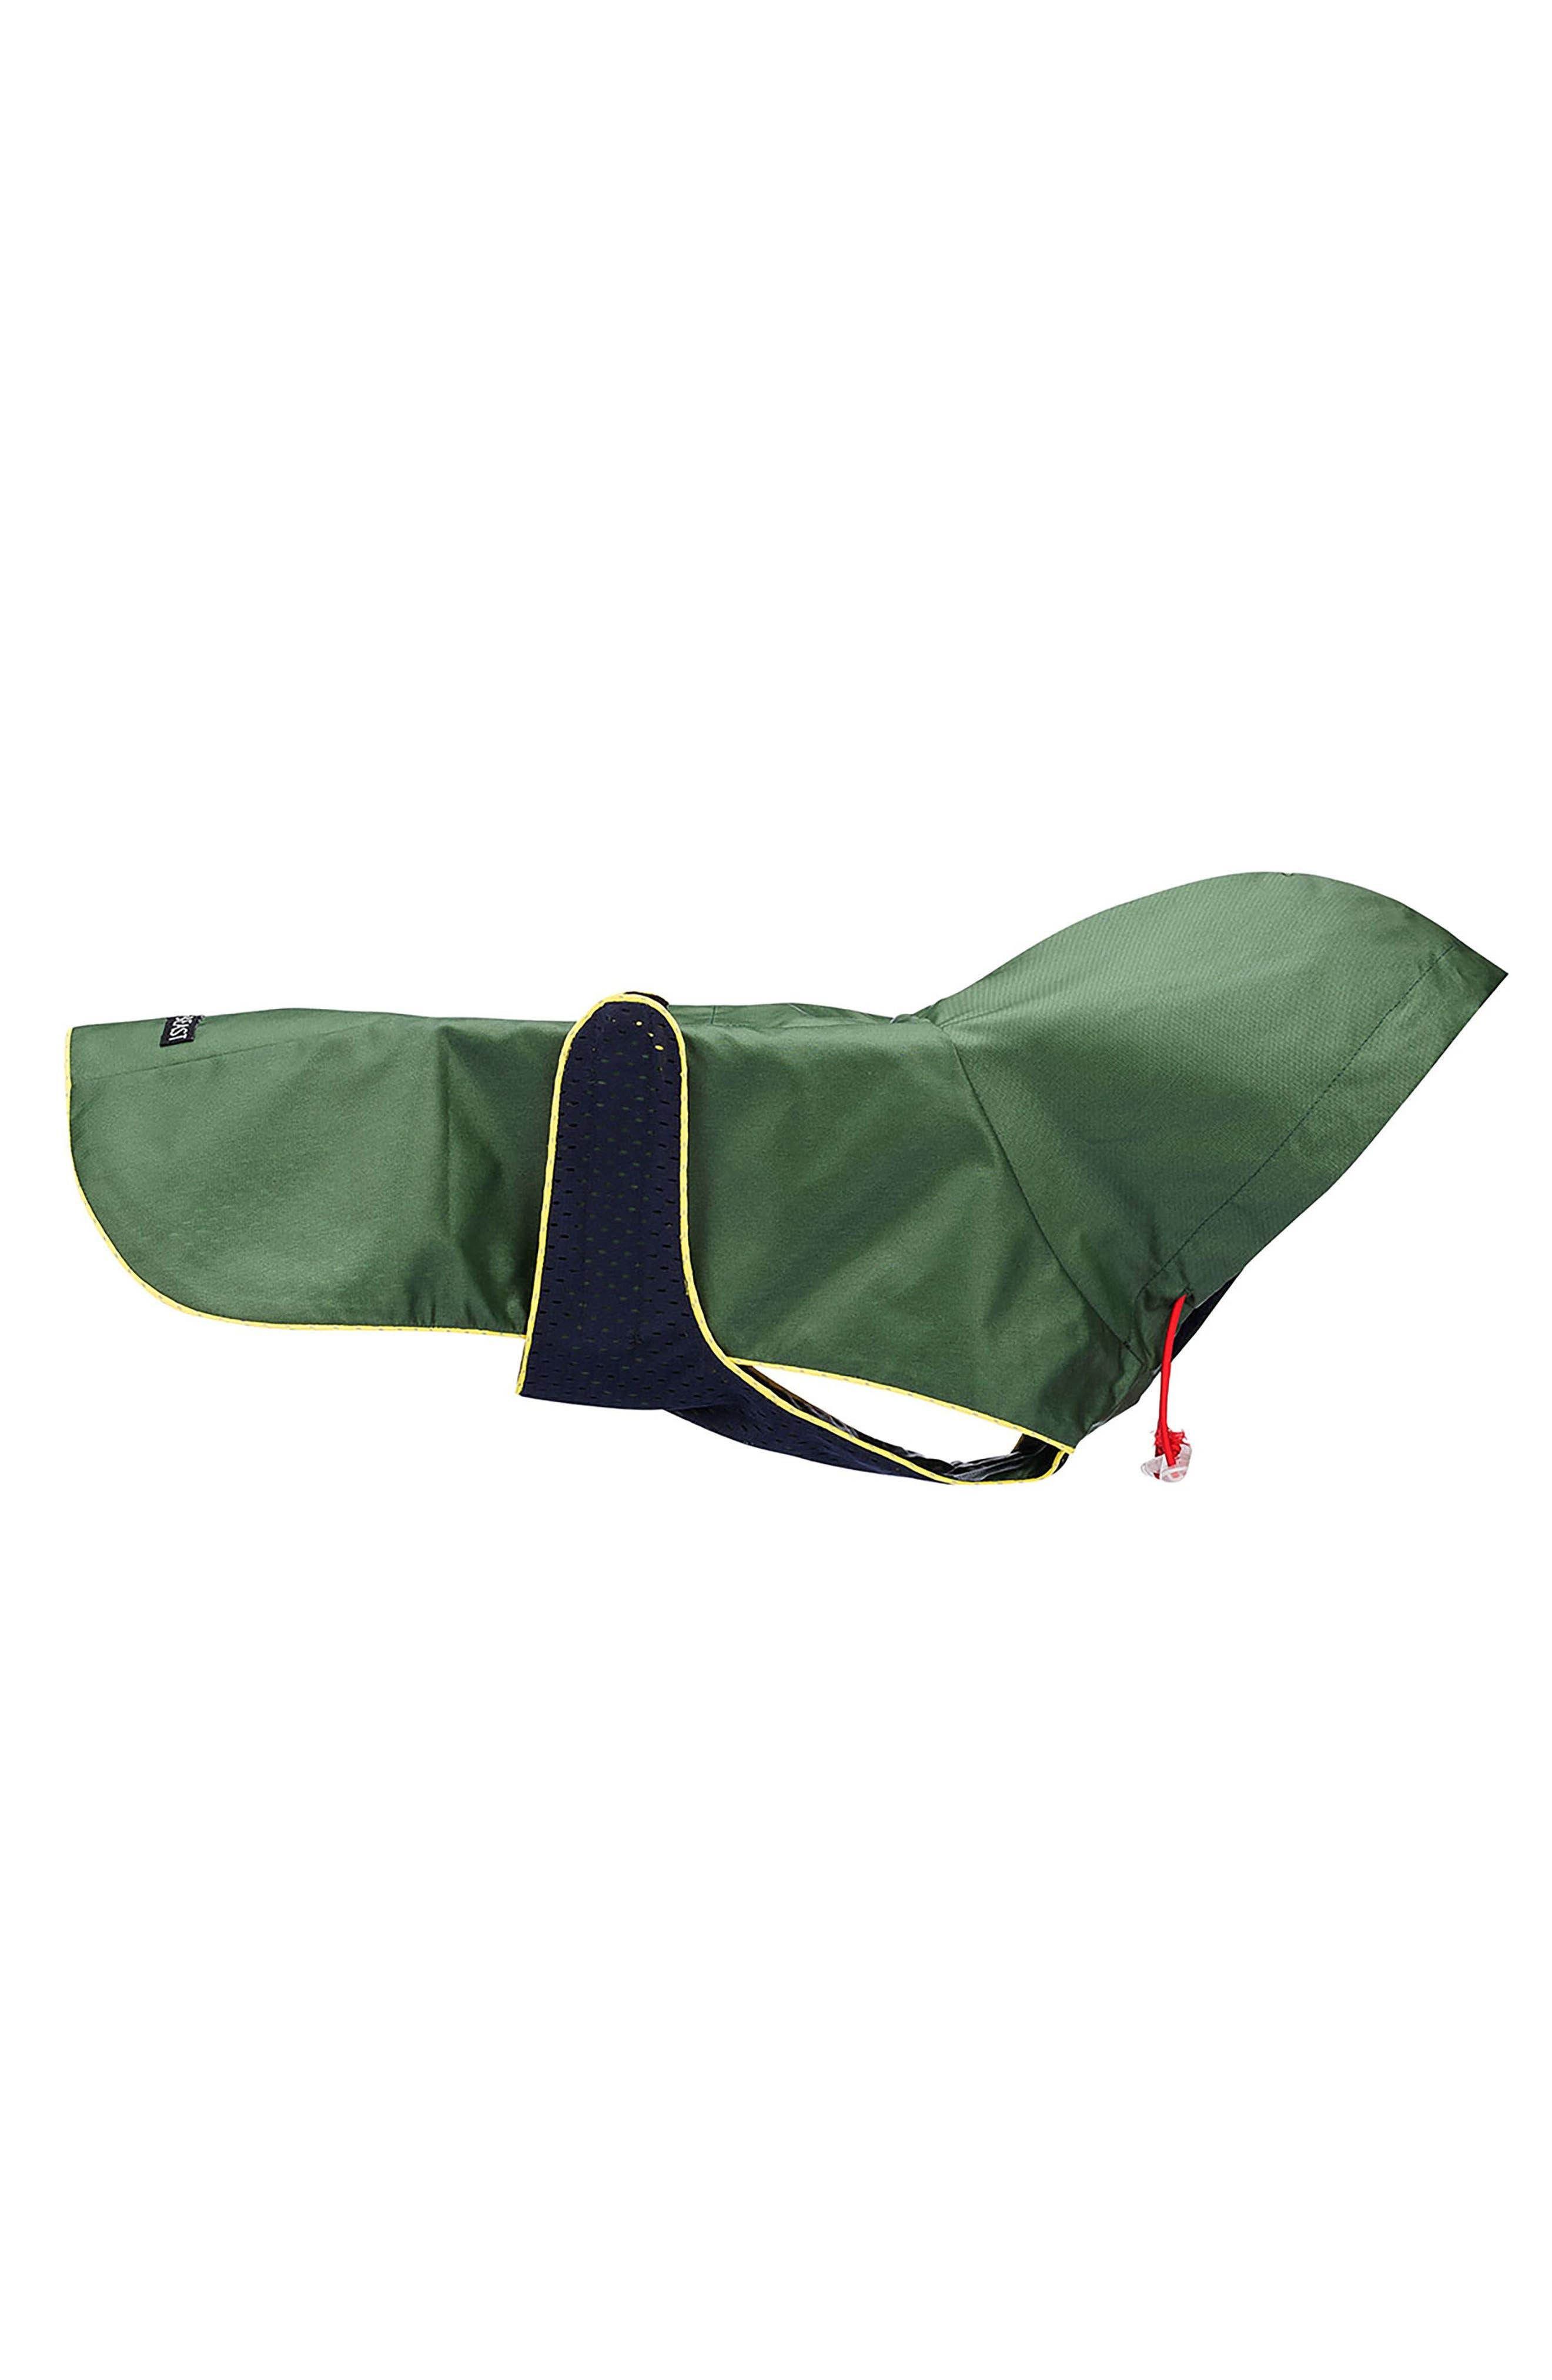 Dog Rain Jacket with Mesh Lining,                             Main thumbnail 1, color,                             300